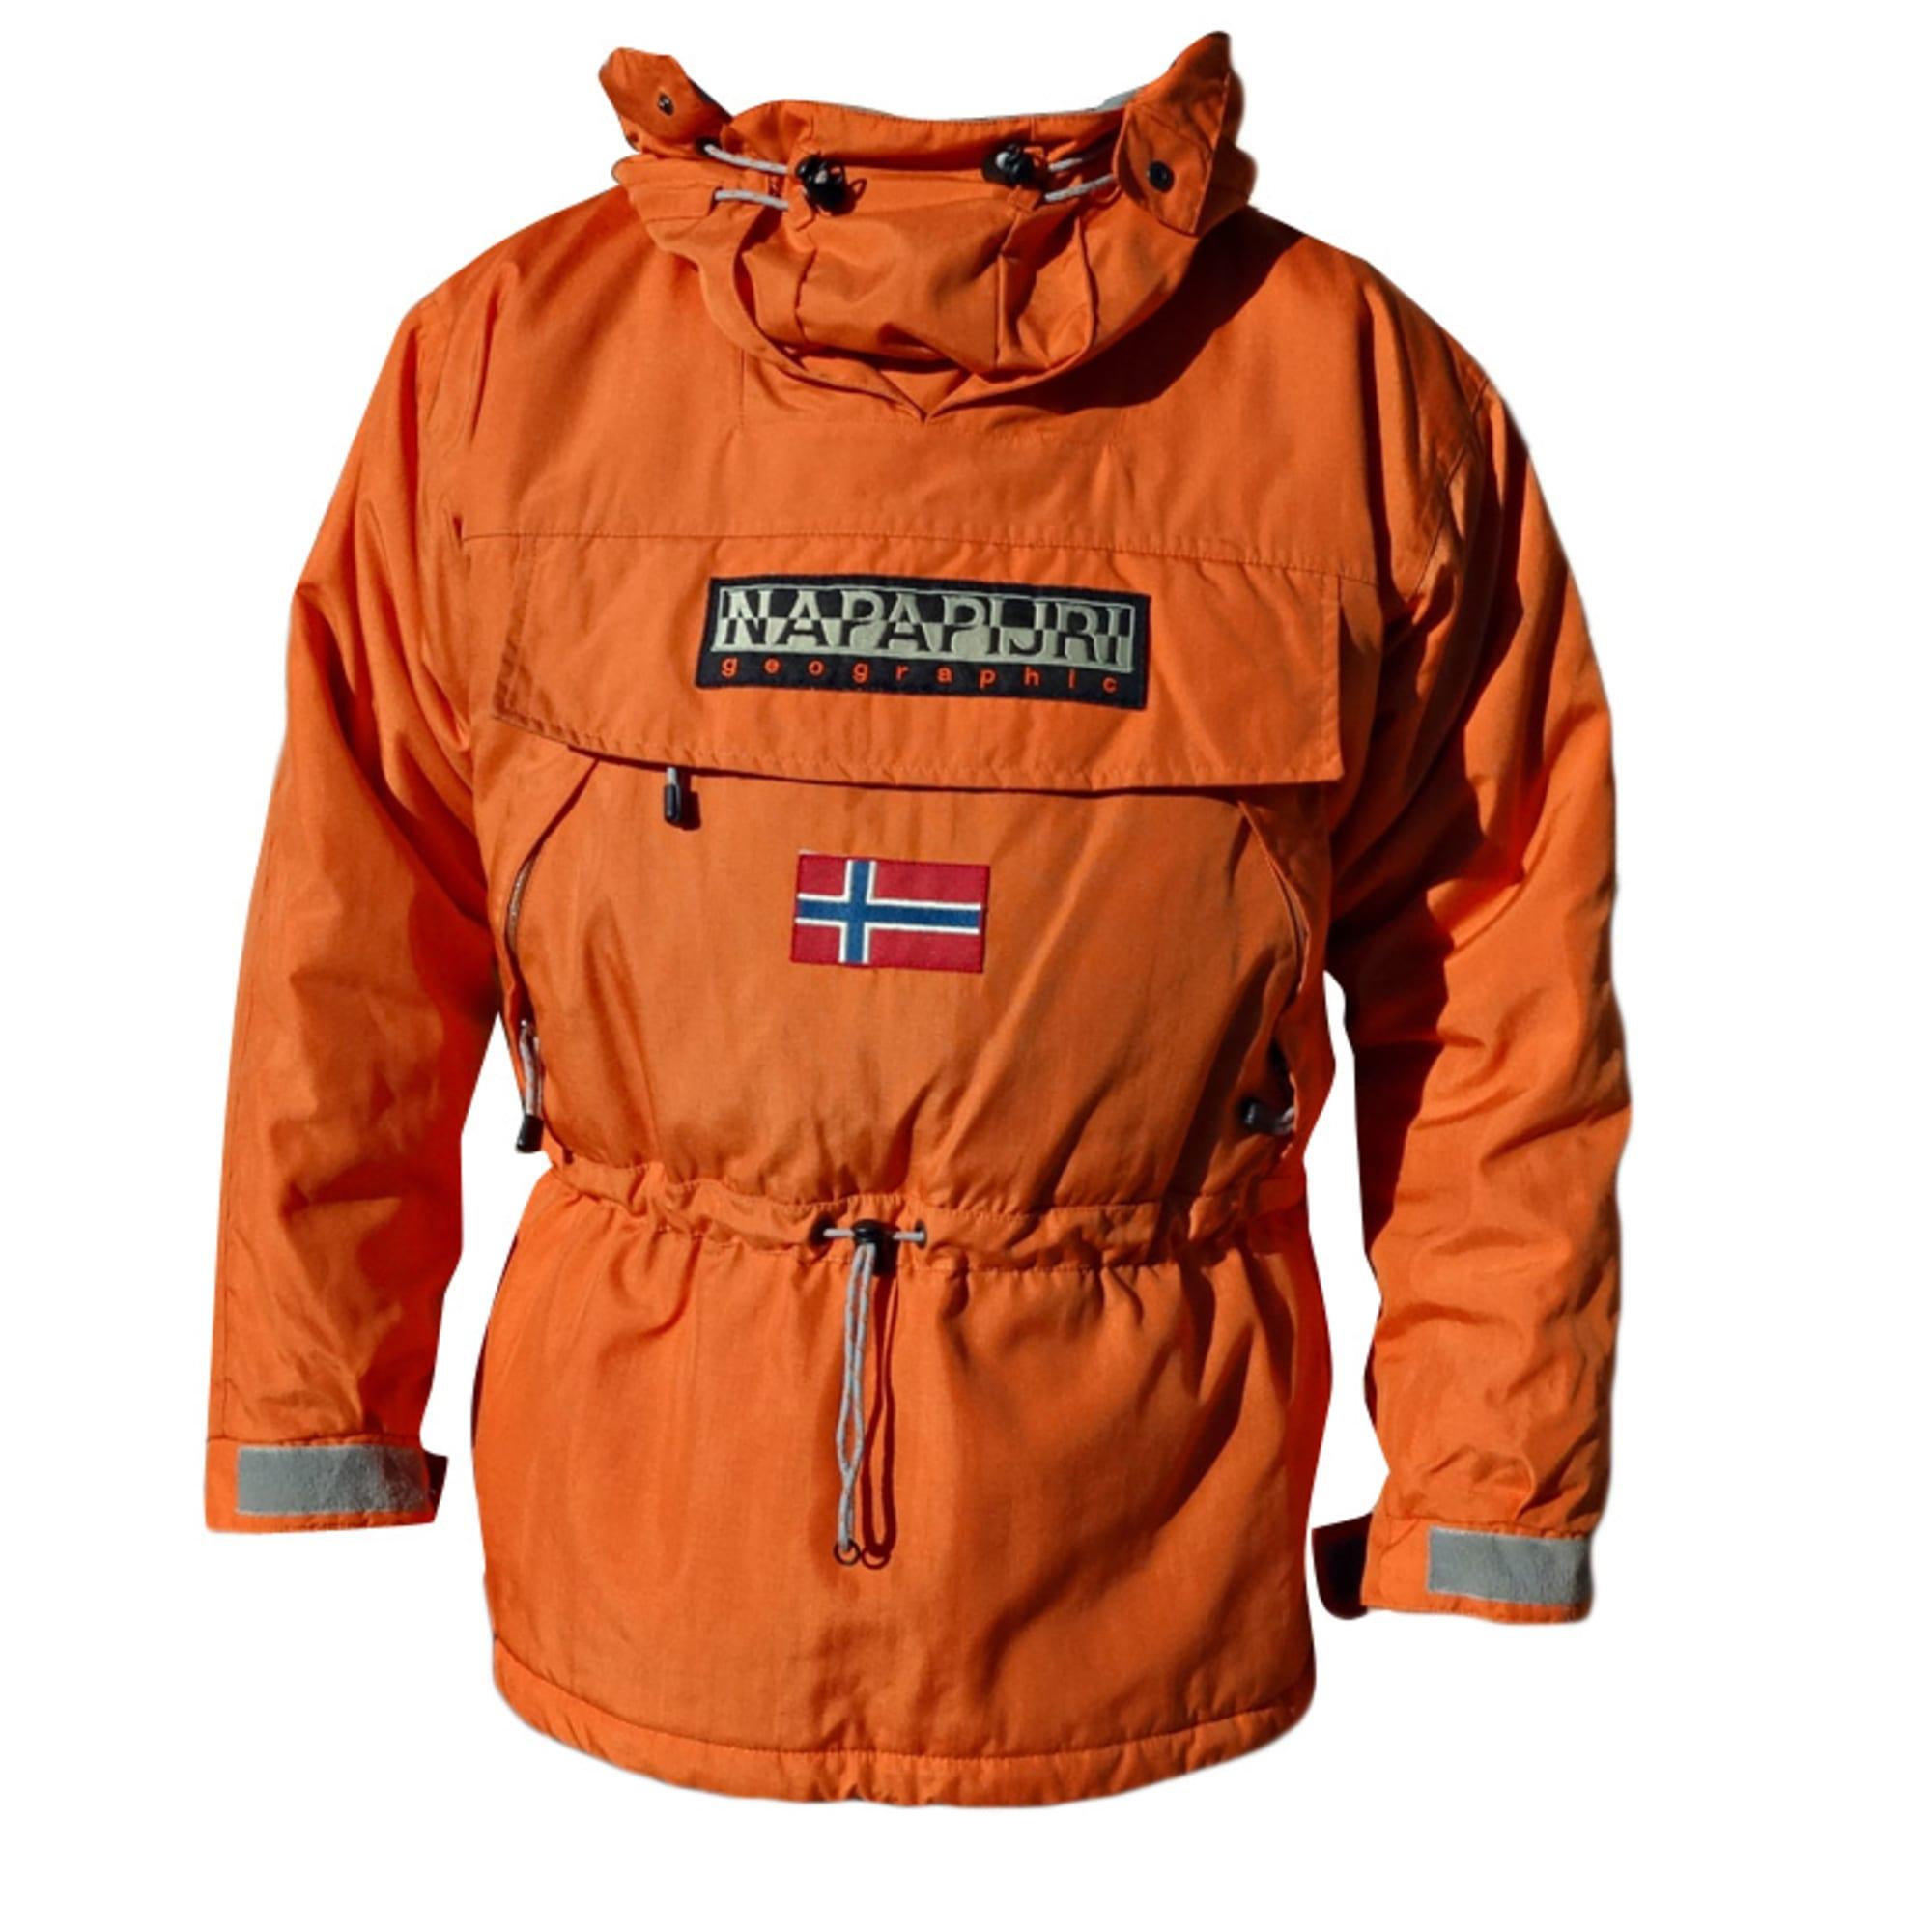 19942729d20 Blouson de ski NAPAPIJRI 50 (M) orange vendu par Shopname809727 ...